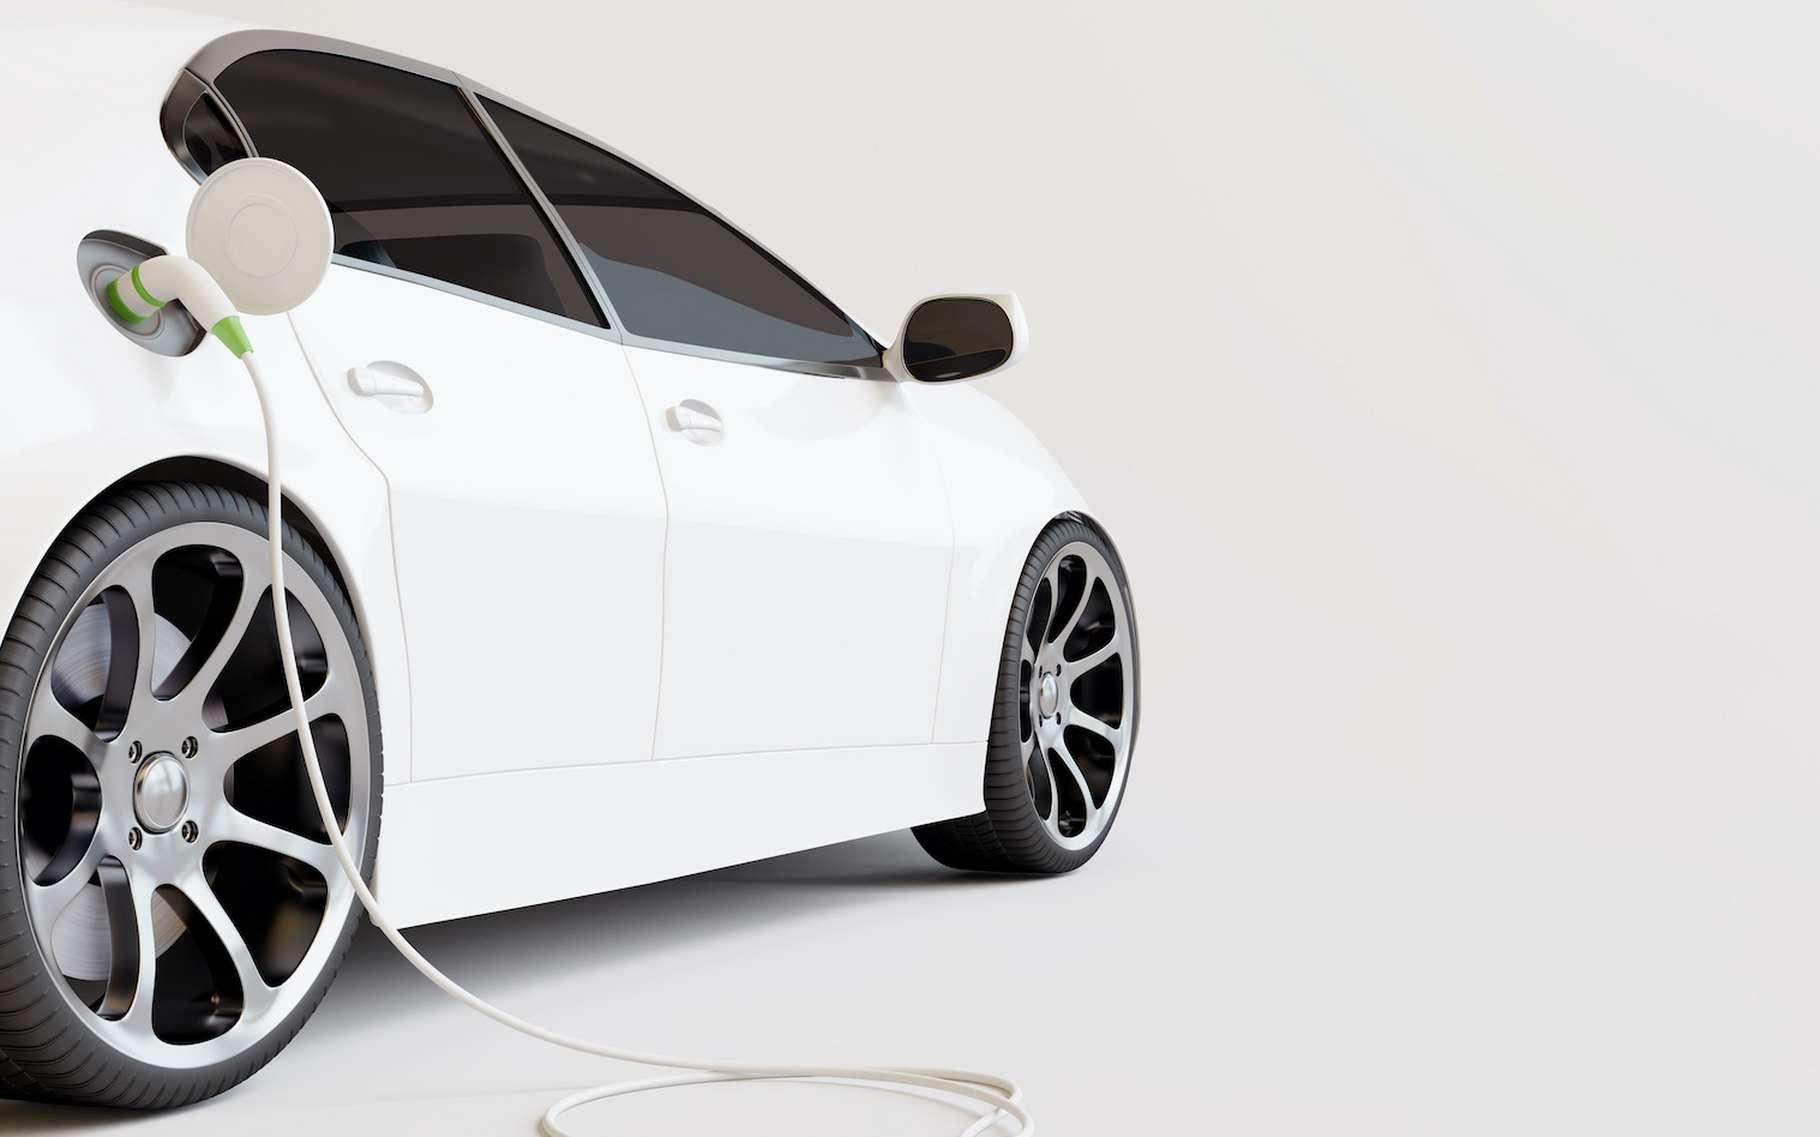 Des chercheurs ont analysé le cycle de vie complet de plusieurs modèles de voitures électriques et ils en concluent que ces dernières sont plus vertes que les voitures à essence. © aanbetta, Adobe Stock